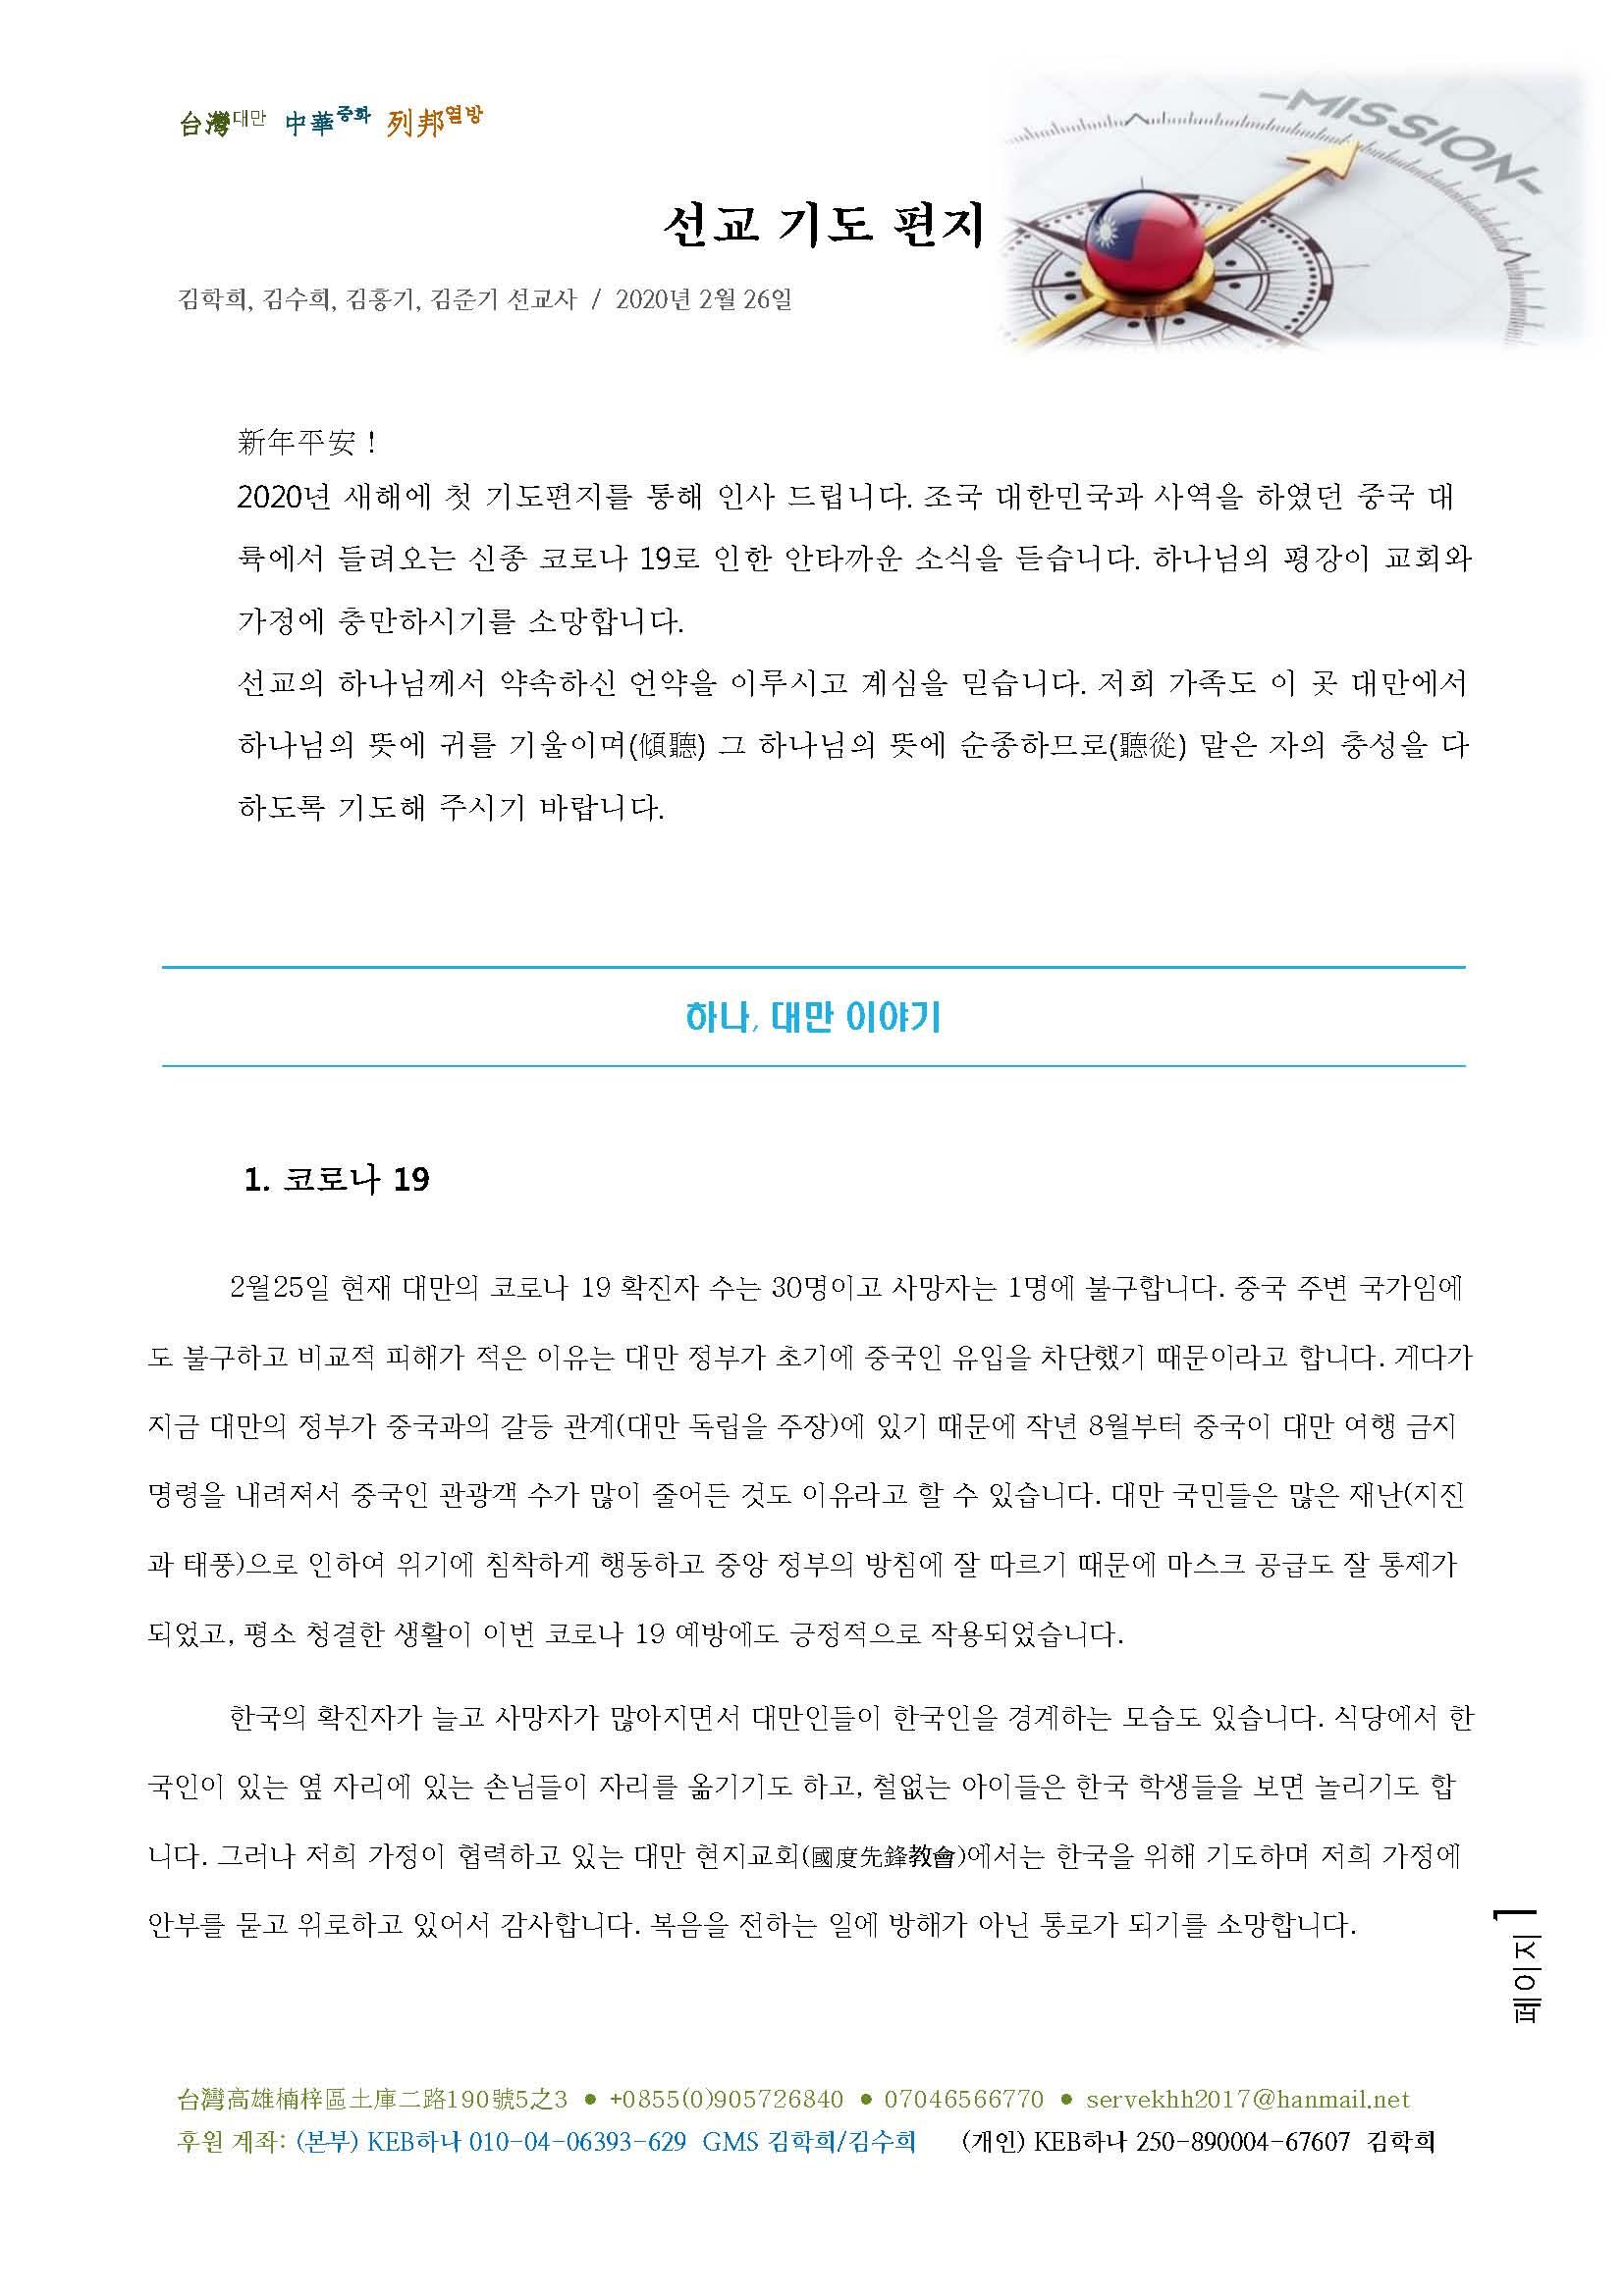 20200226선교기도편지(김학희 선교사)_페이지_1.jpg